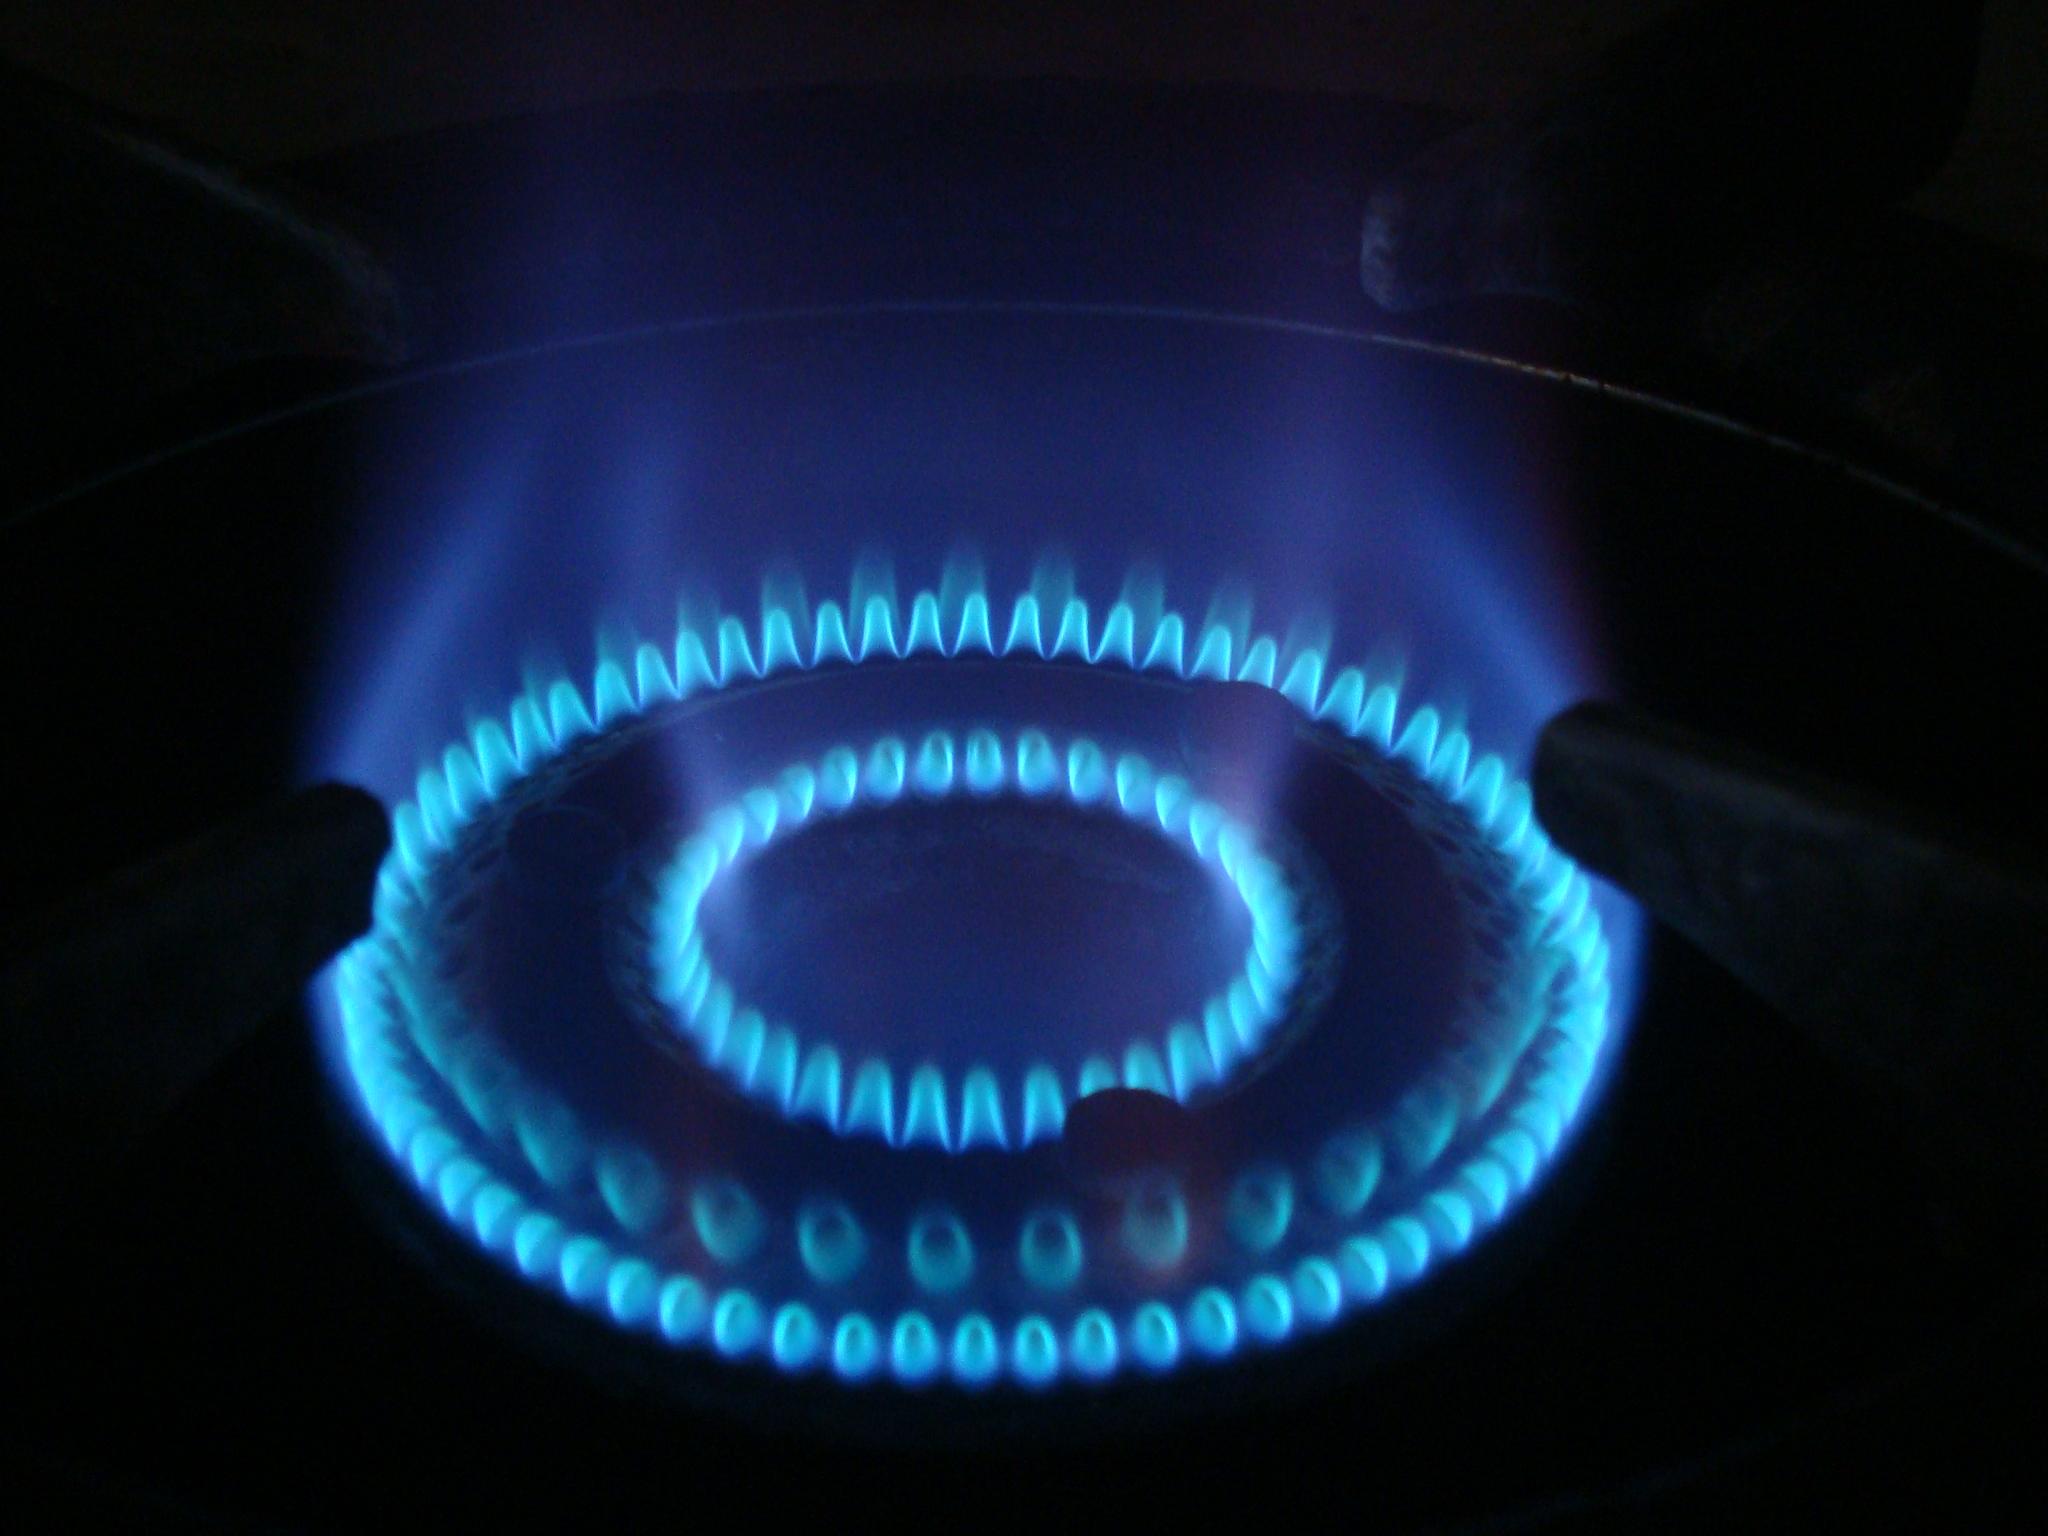 -LPG_flame-.JPG